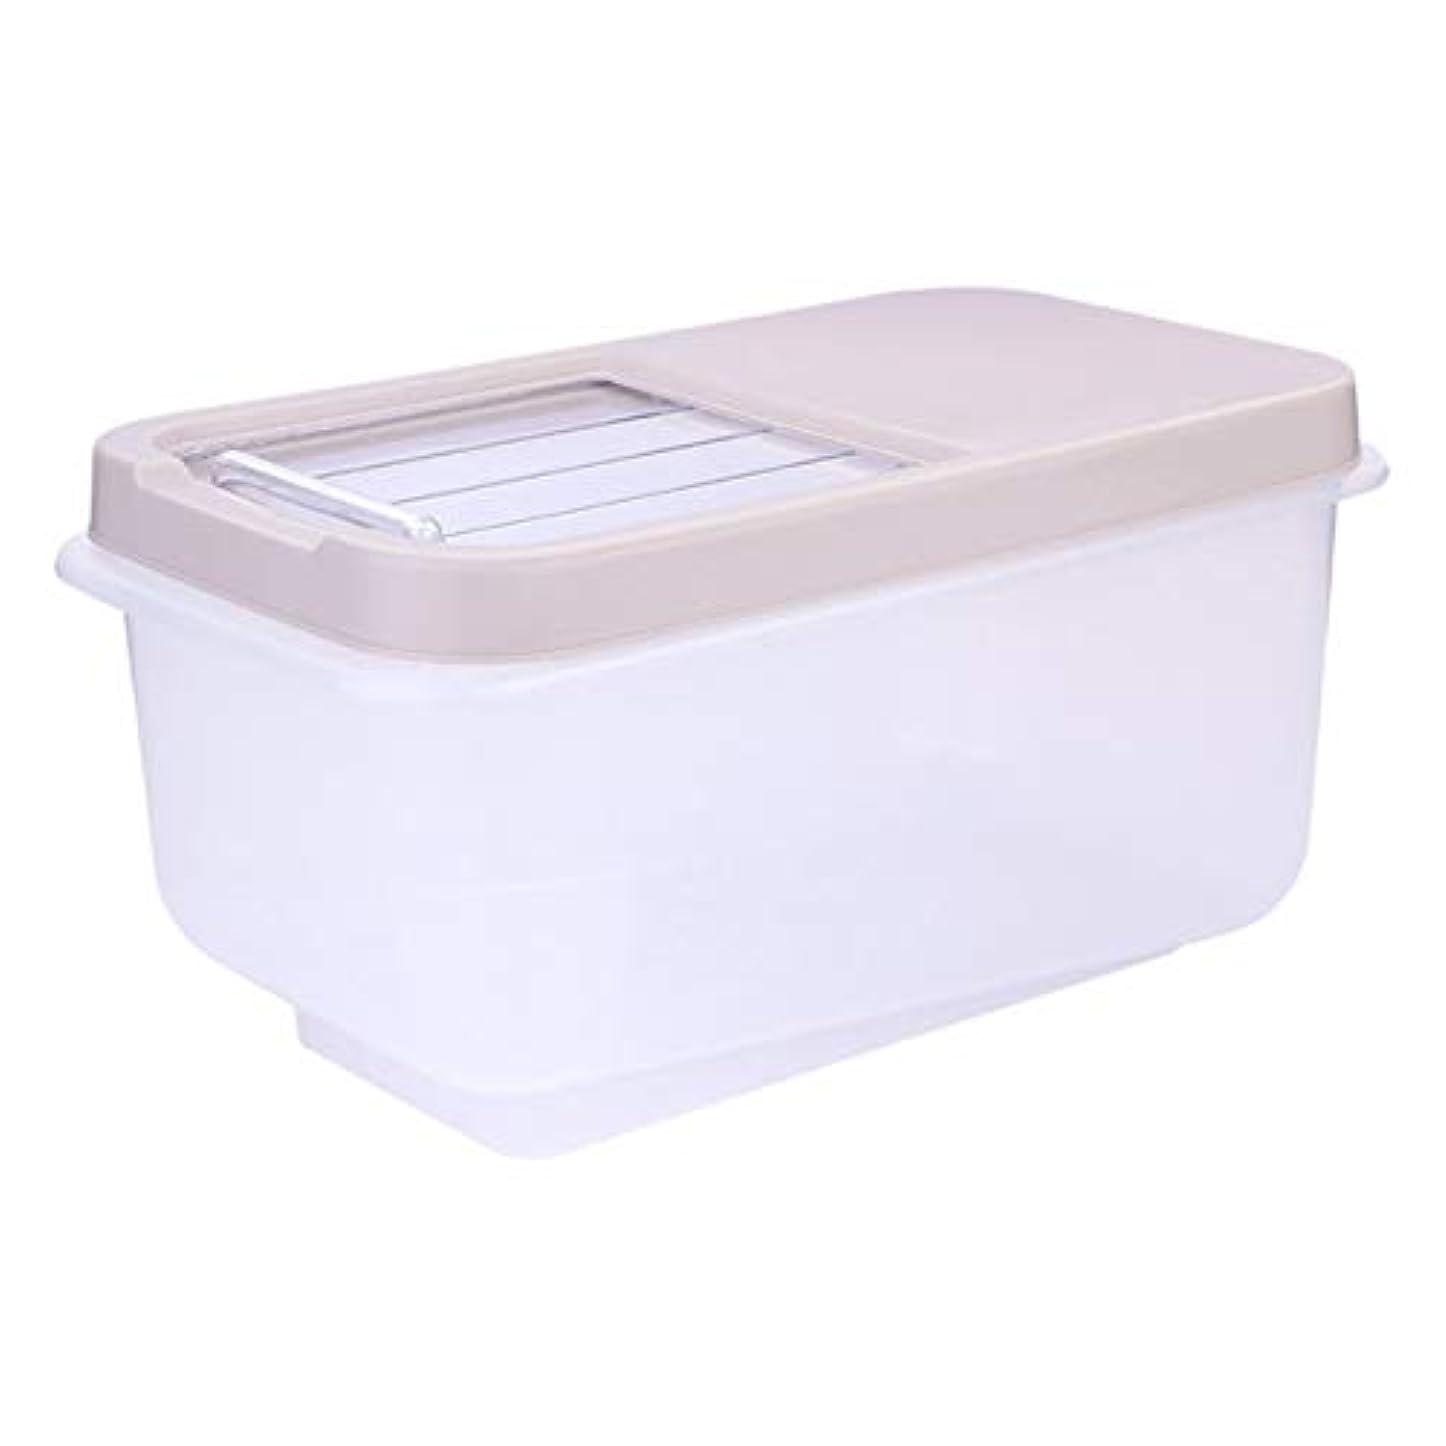 リテラシー影響リサイクルするSaikogoods 家庭の使用キッチンストレージオーガナイザーは 封印された食品のストレージを乾燥ボックス防湿ライスビン豆穀物コンテナオーガナイザー アプリコット